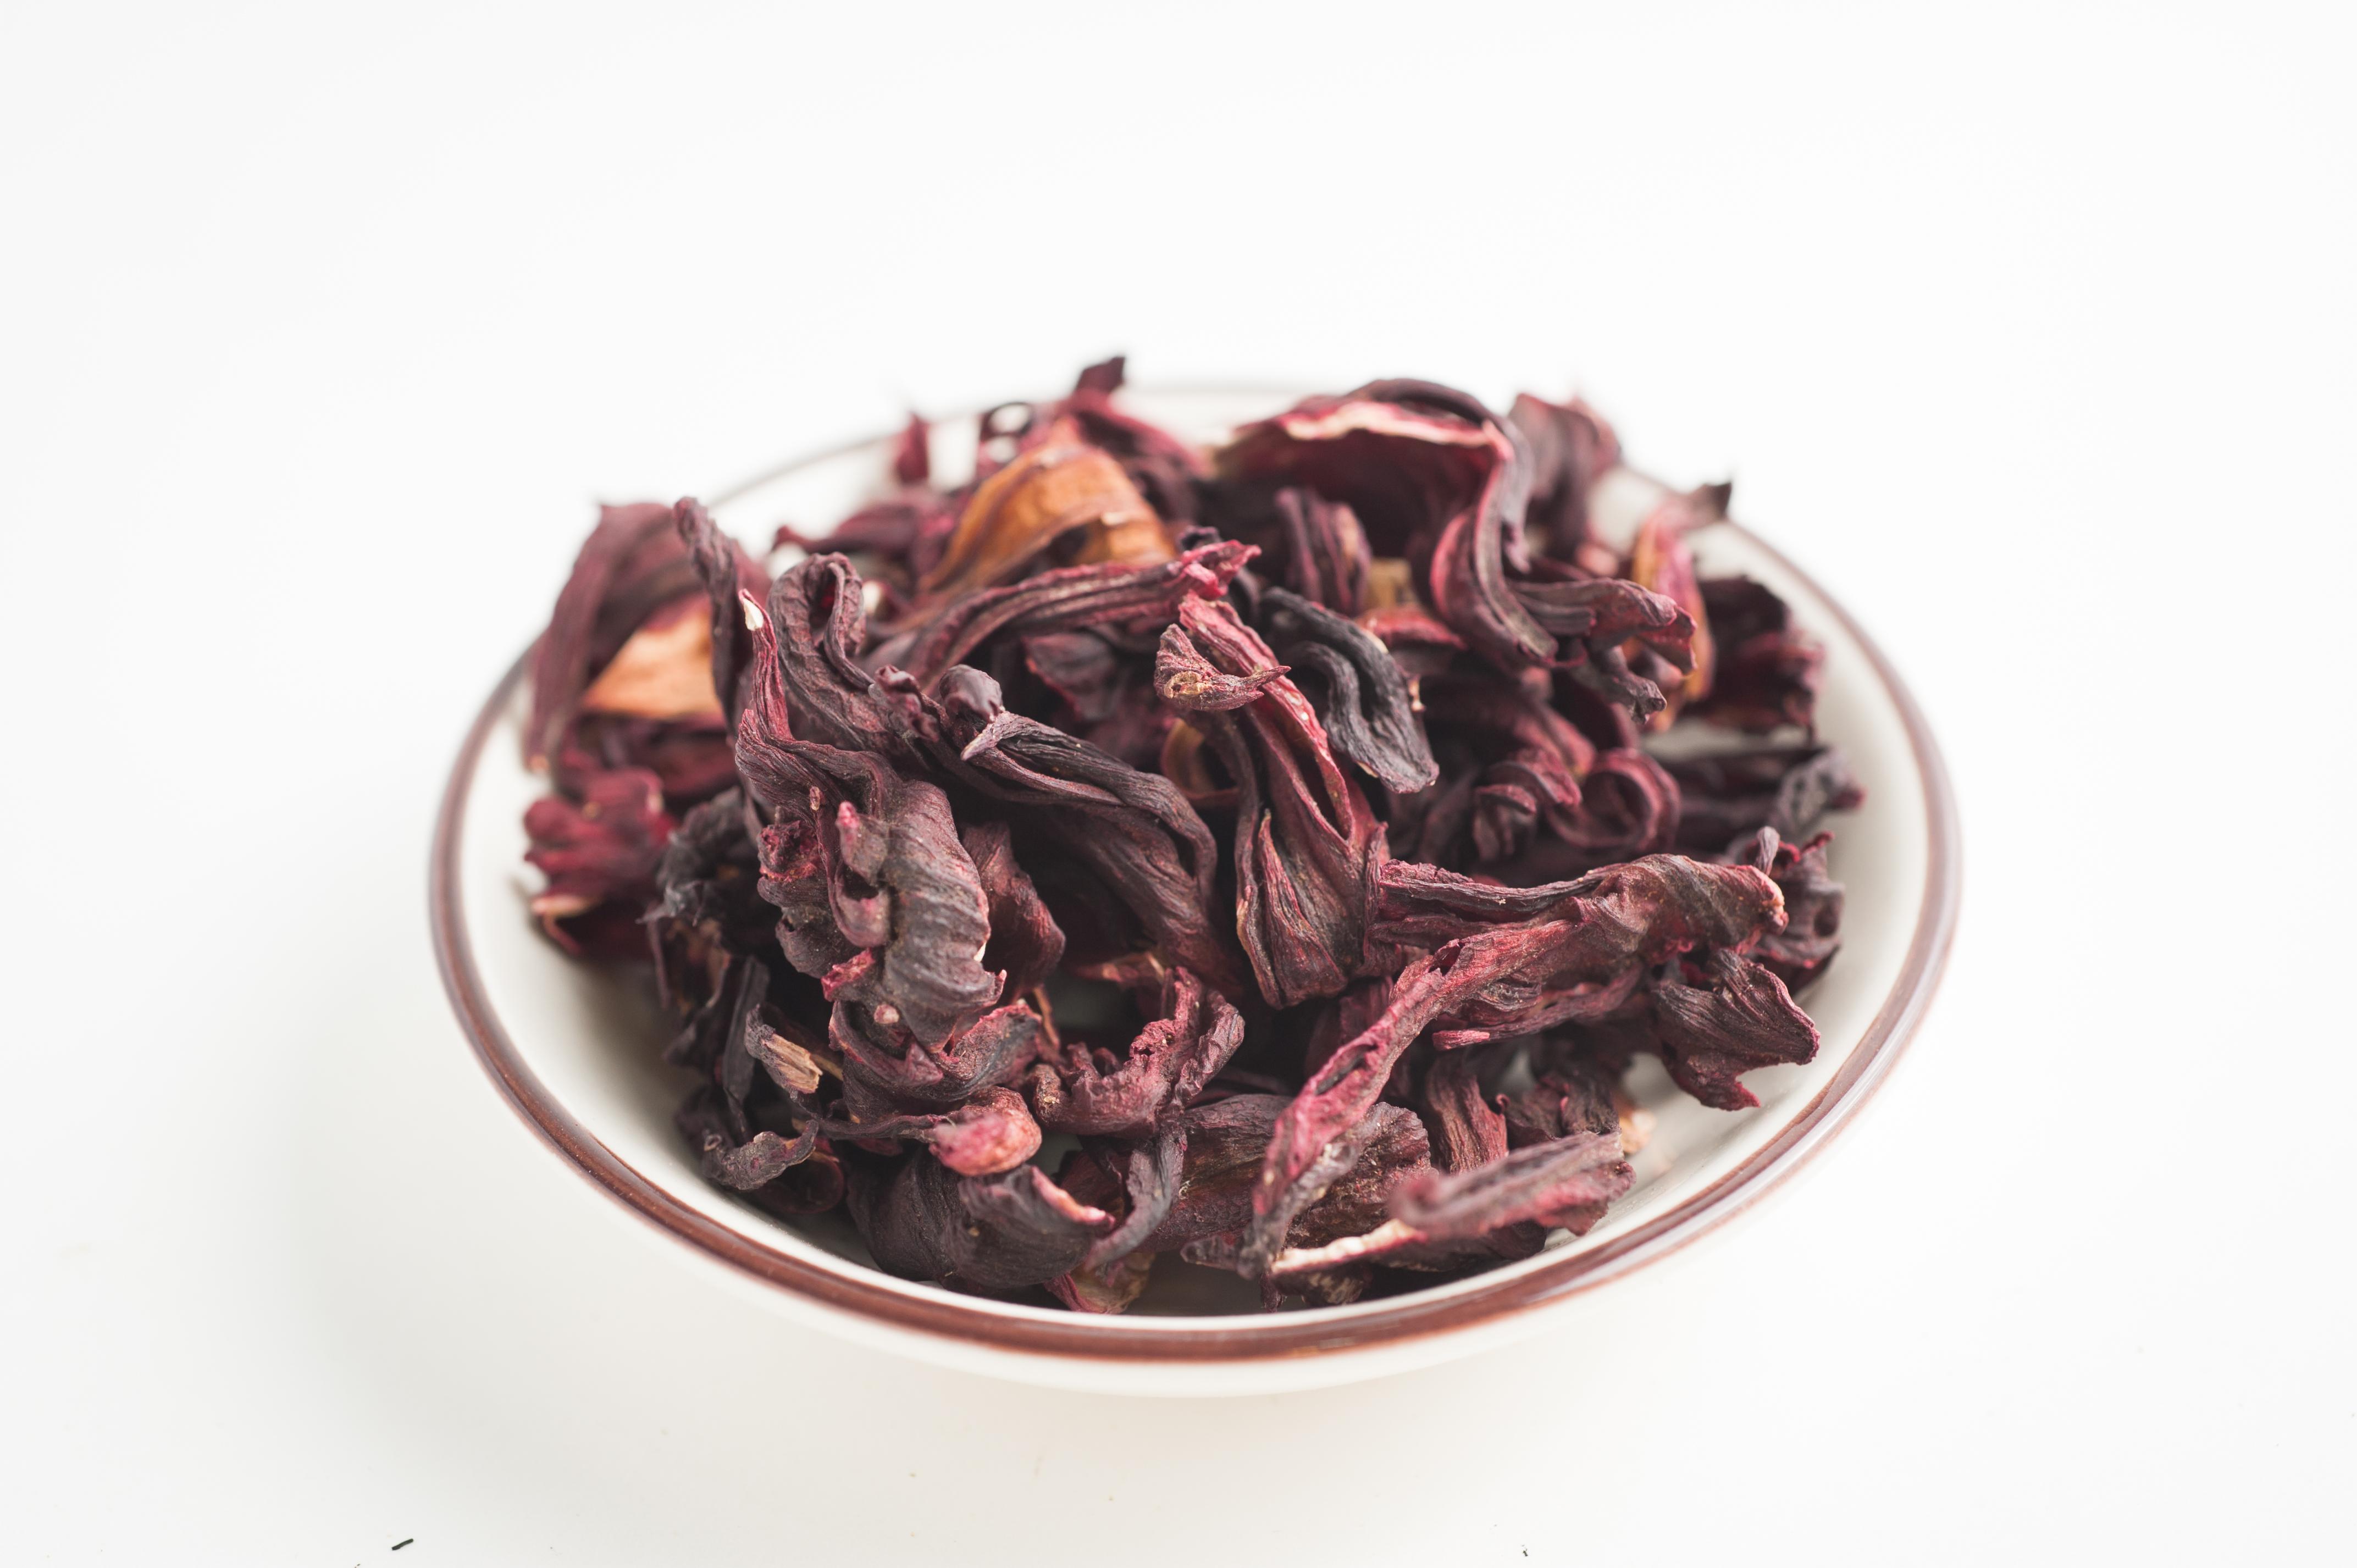 Taiwan 210g TachunGhO Roselle Tasty Black Tea For Bubble Tea